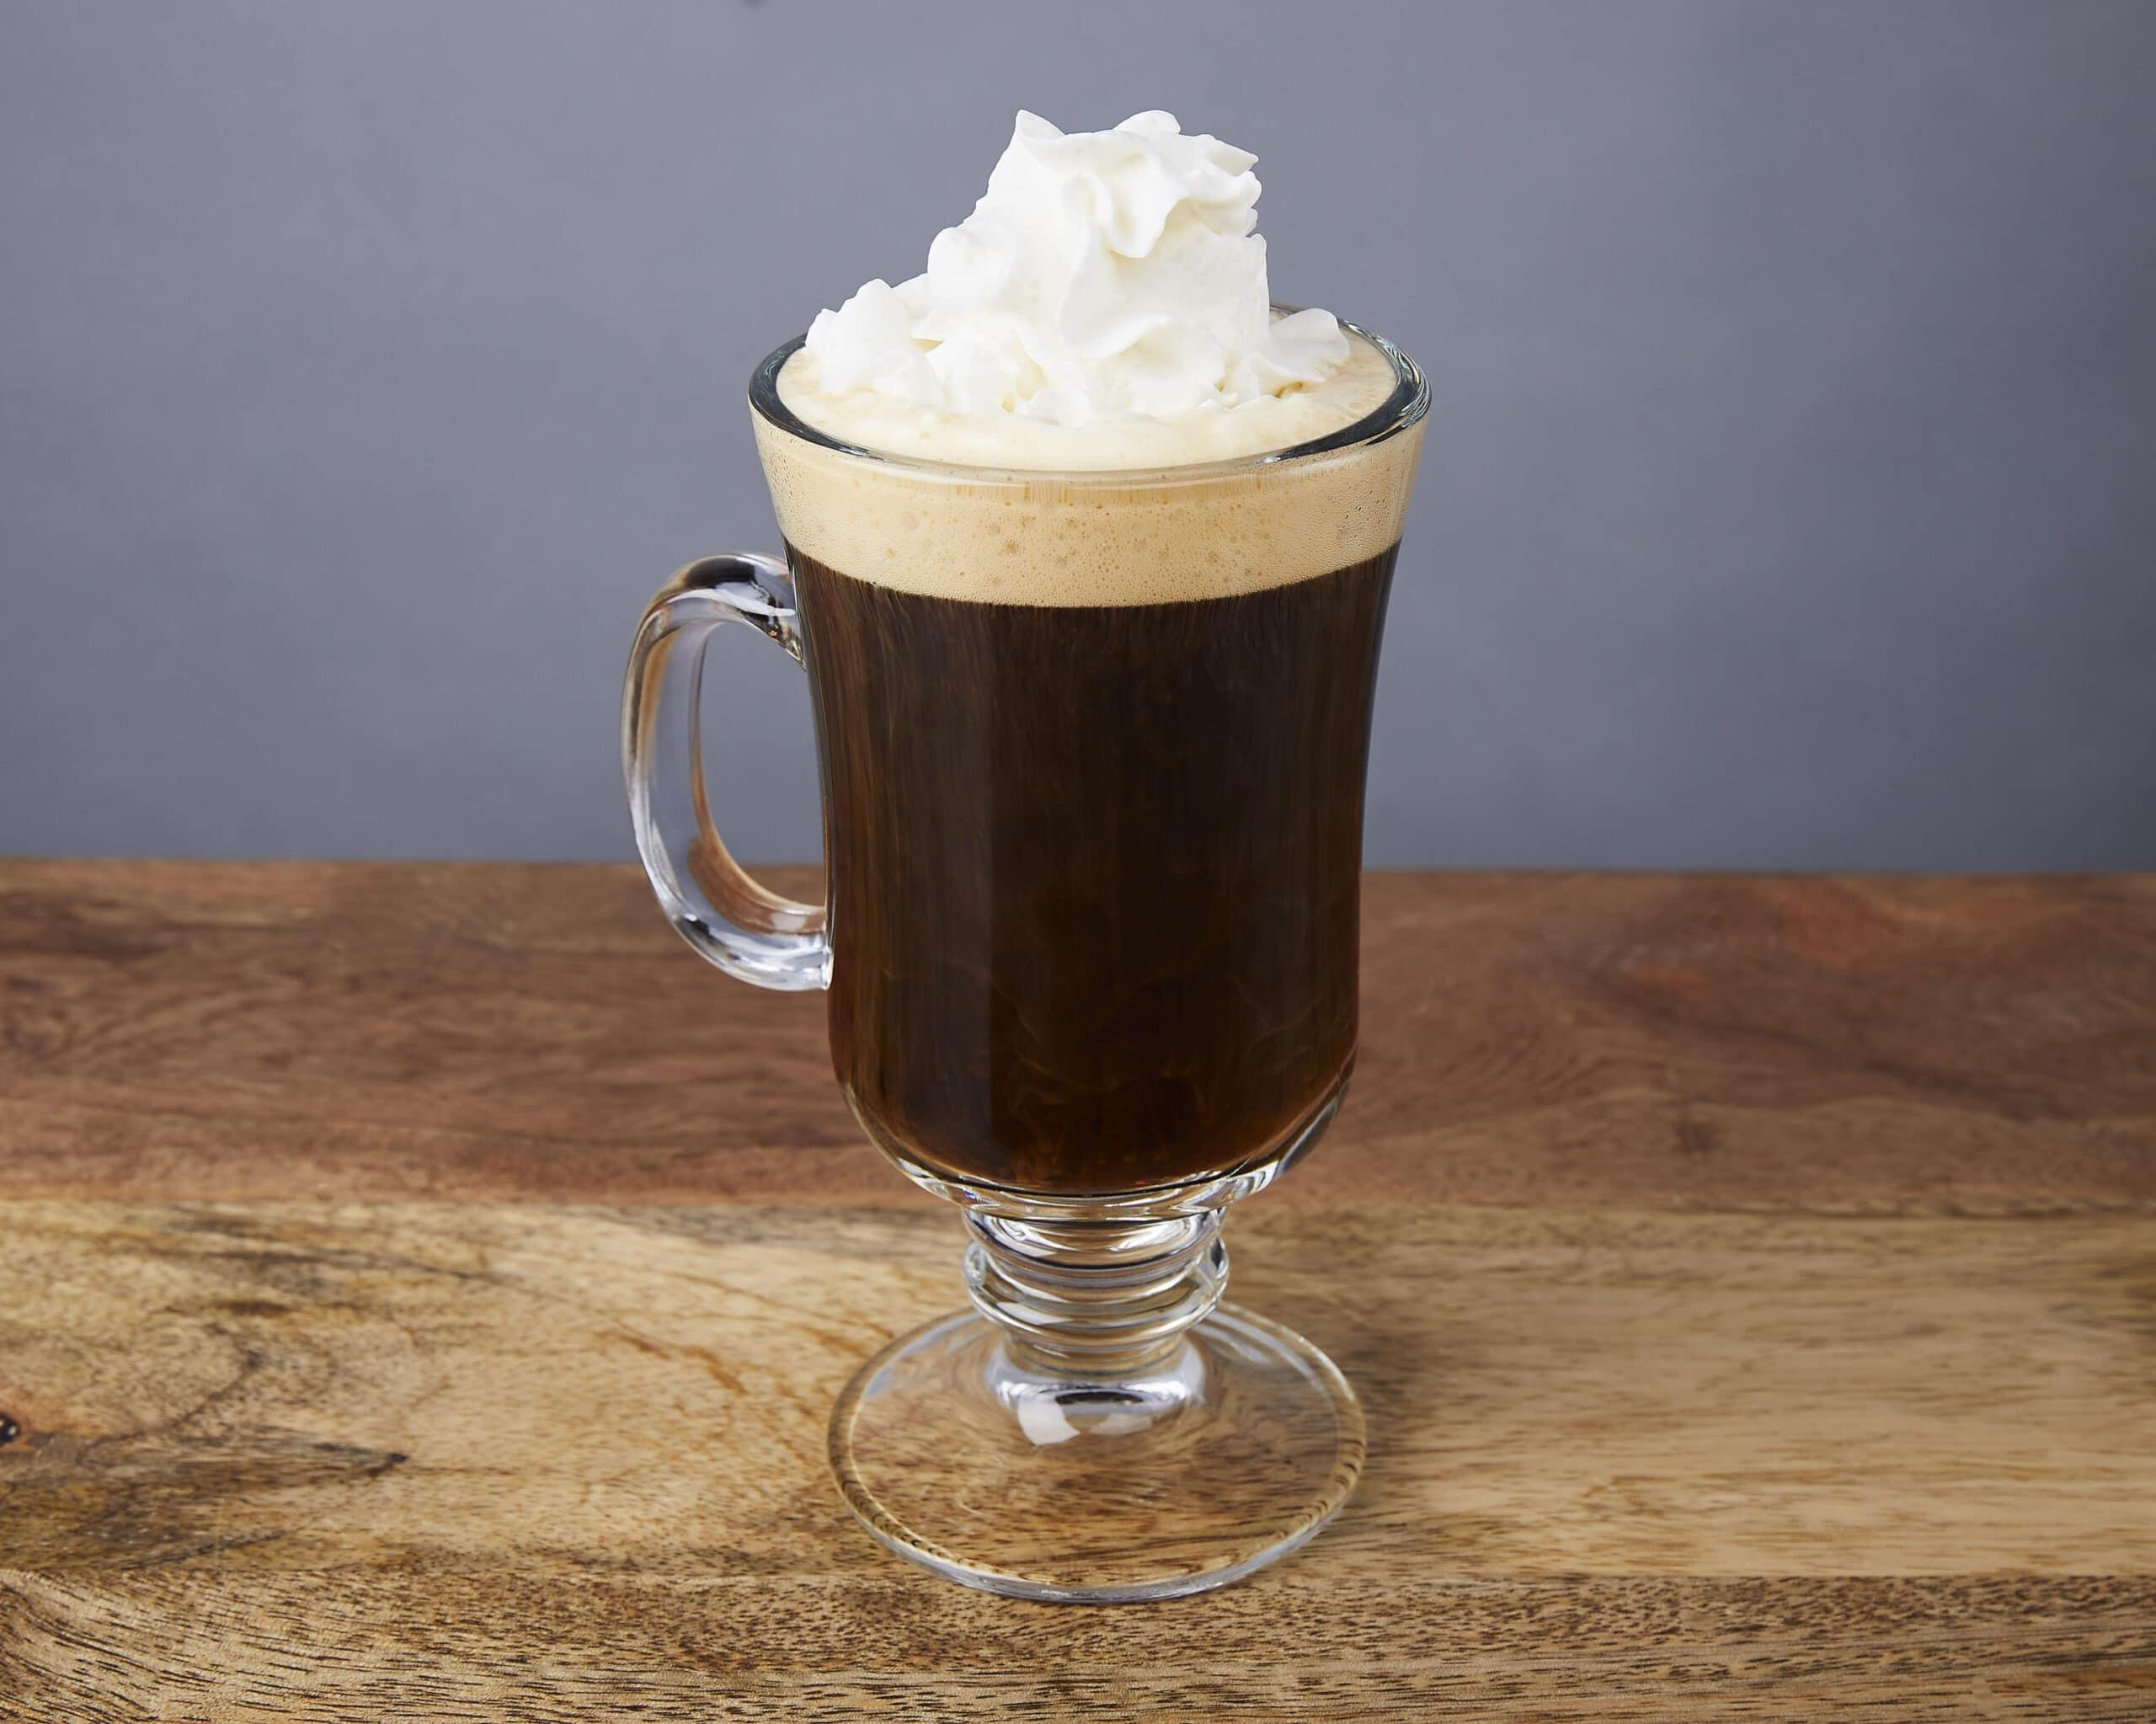 Image of an irish coffee